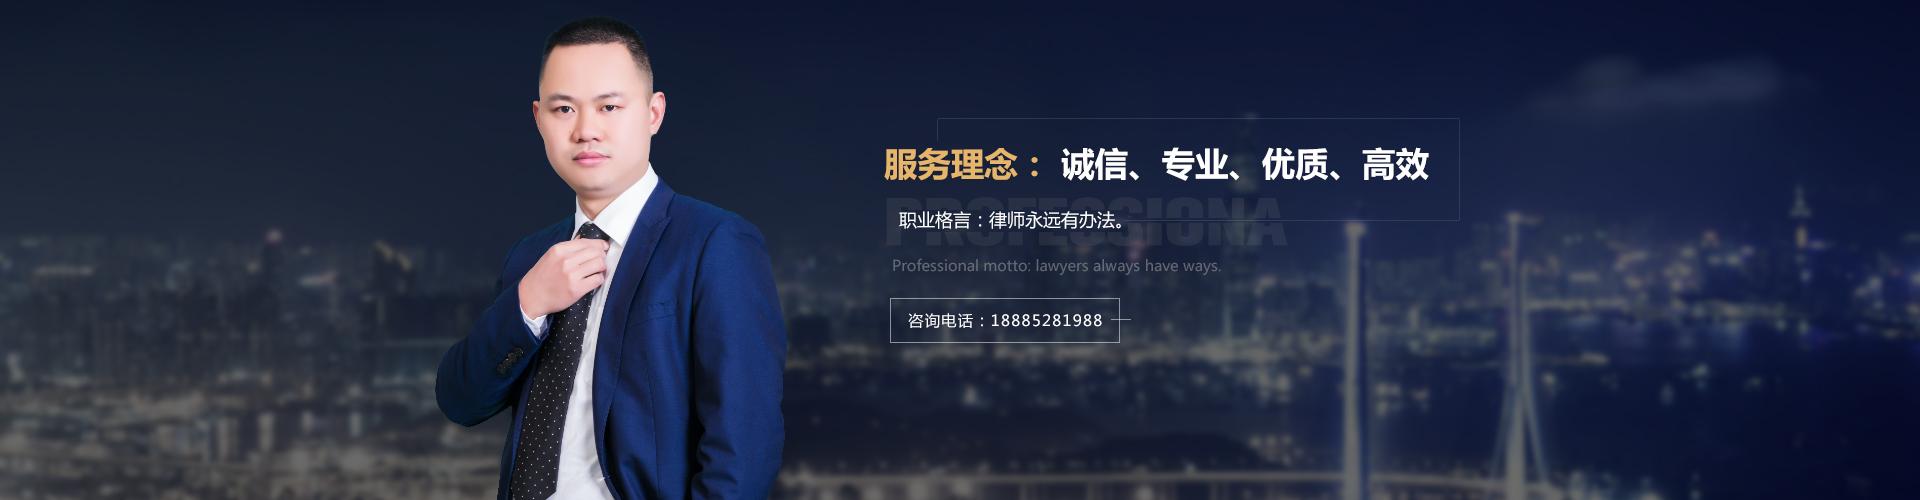 袁潭律师网